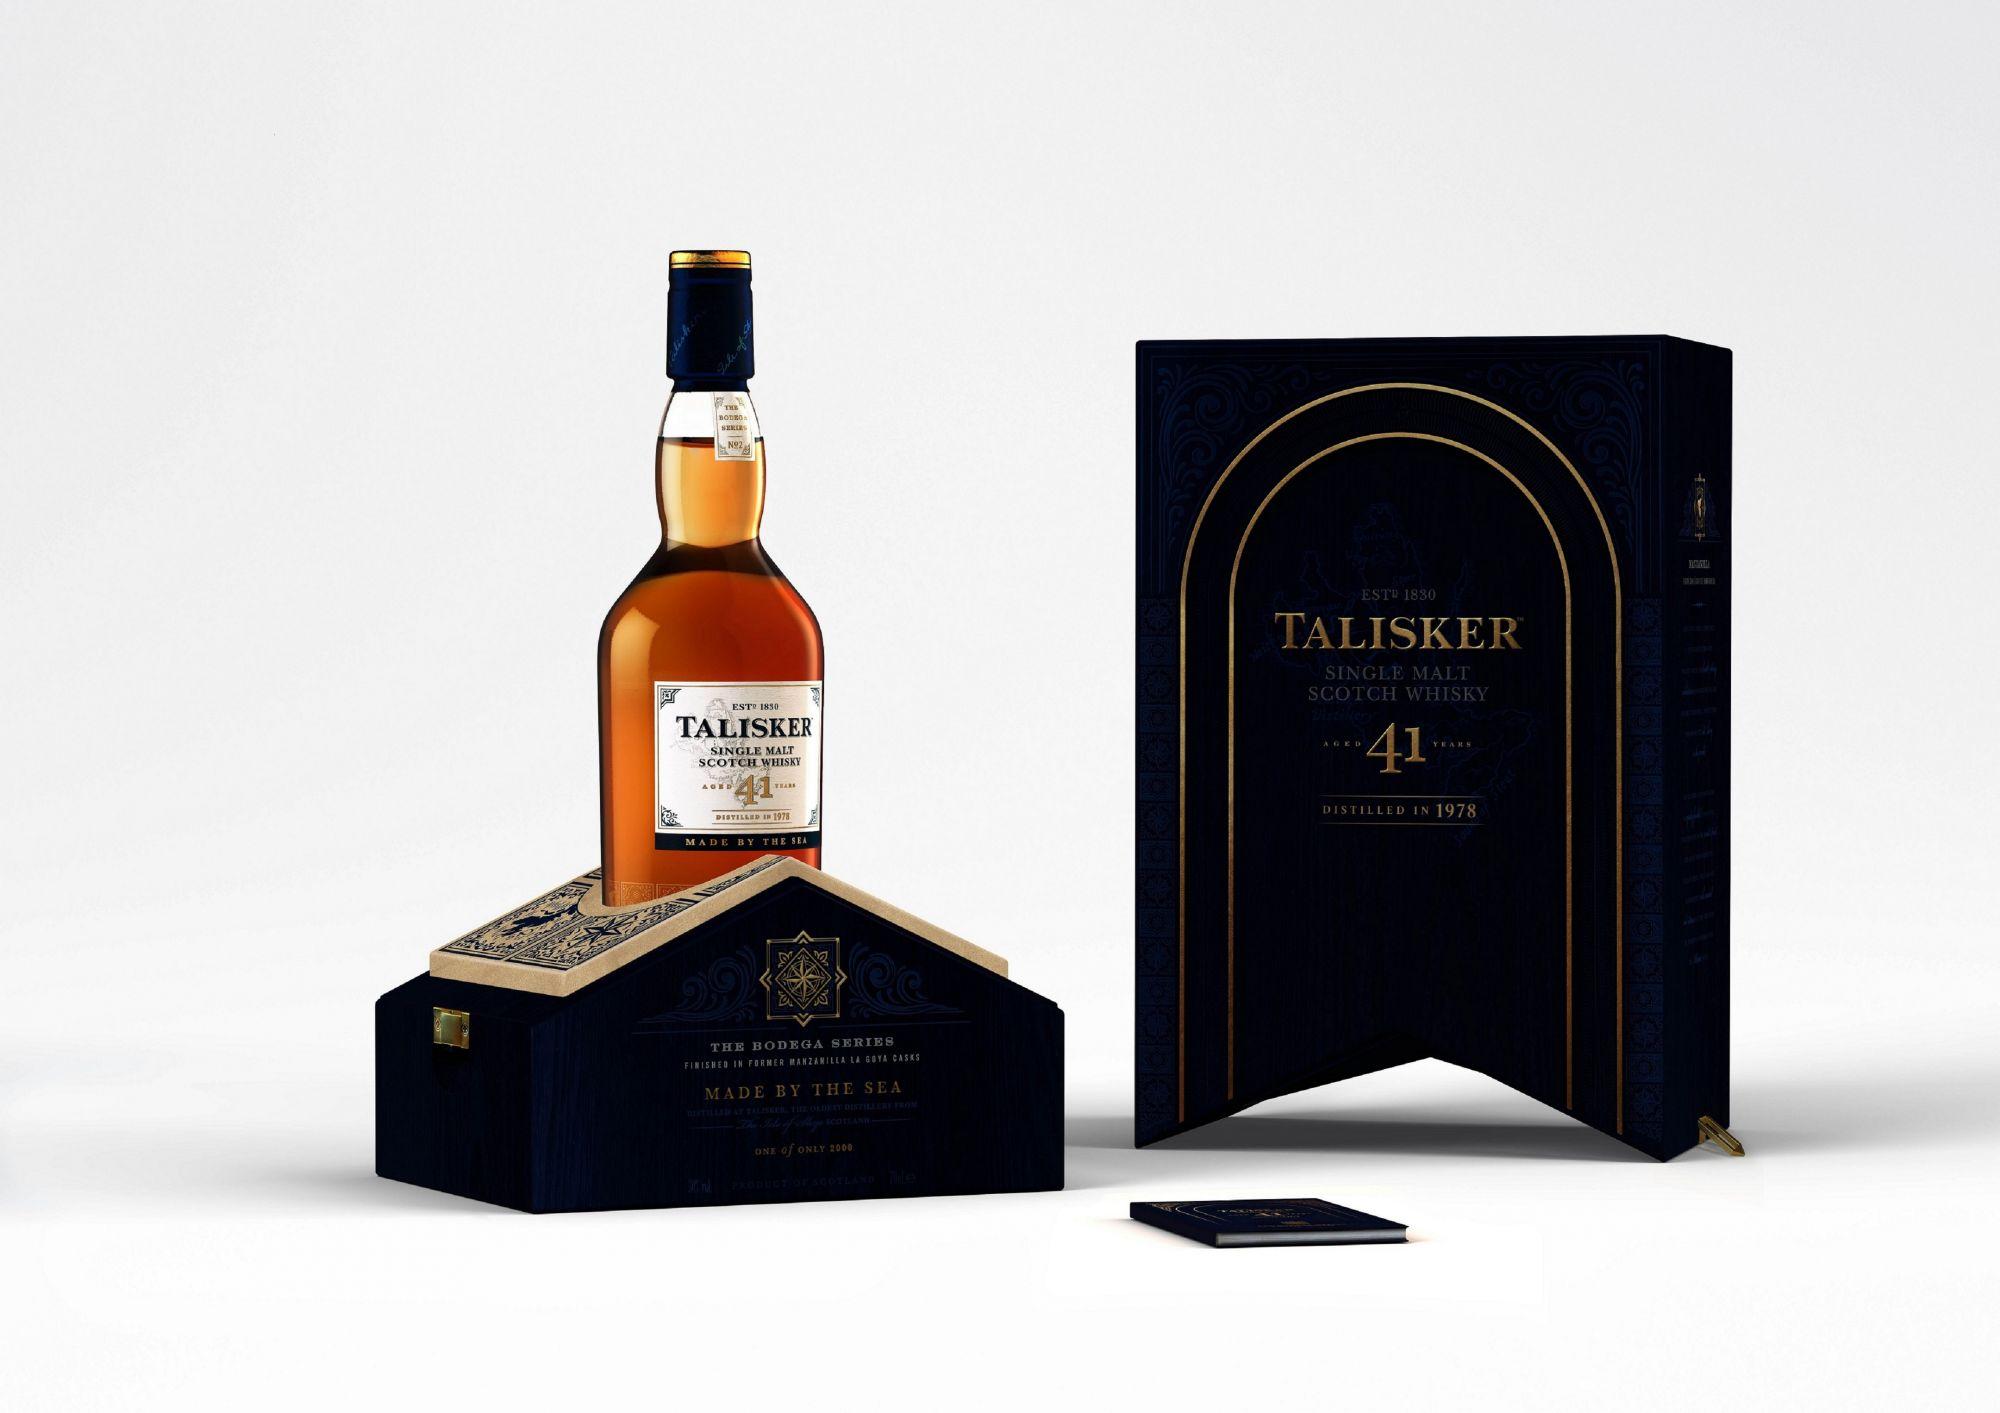 限量是殘酷的!烈酒之王 Talisker 泰斯卡高年份威士忌再下一城